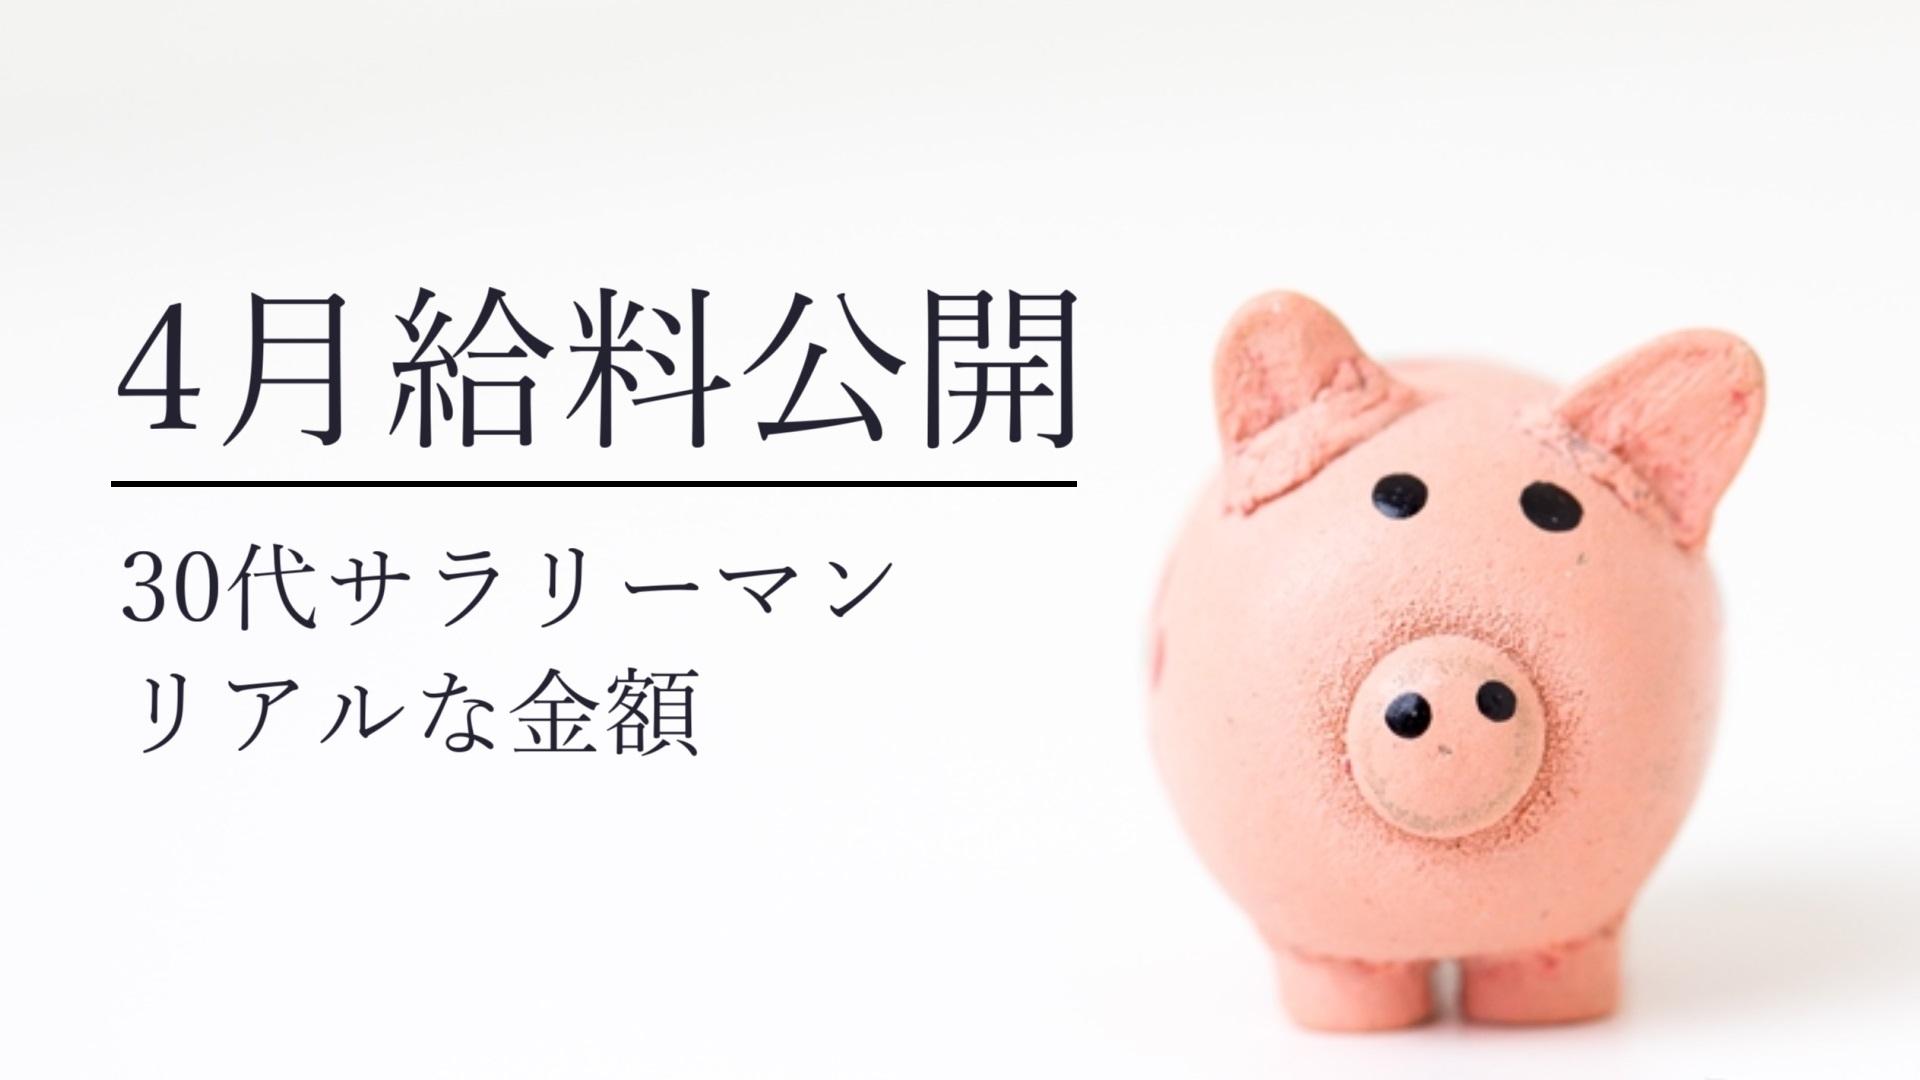 【2020年4月】給料公開/30代サラリーマンのリアルな金額